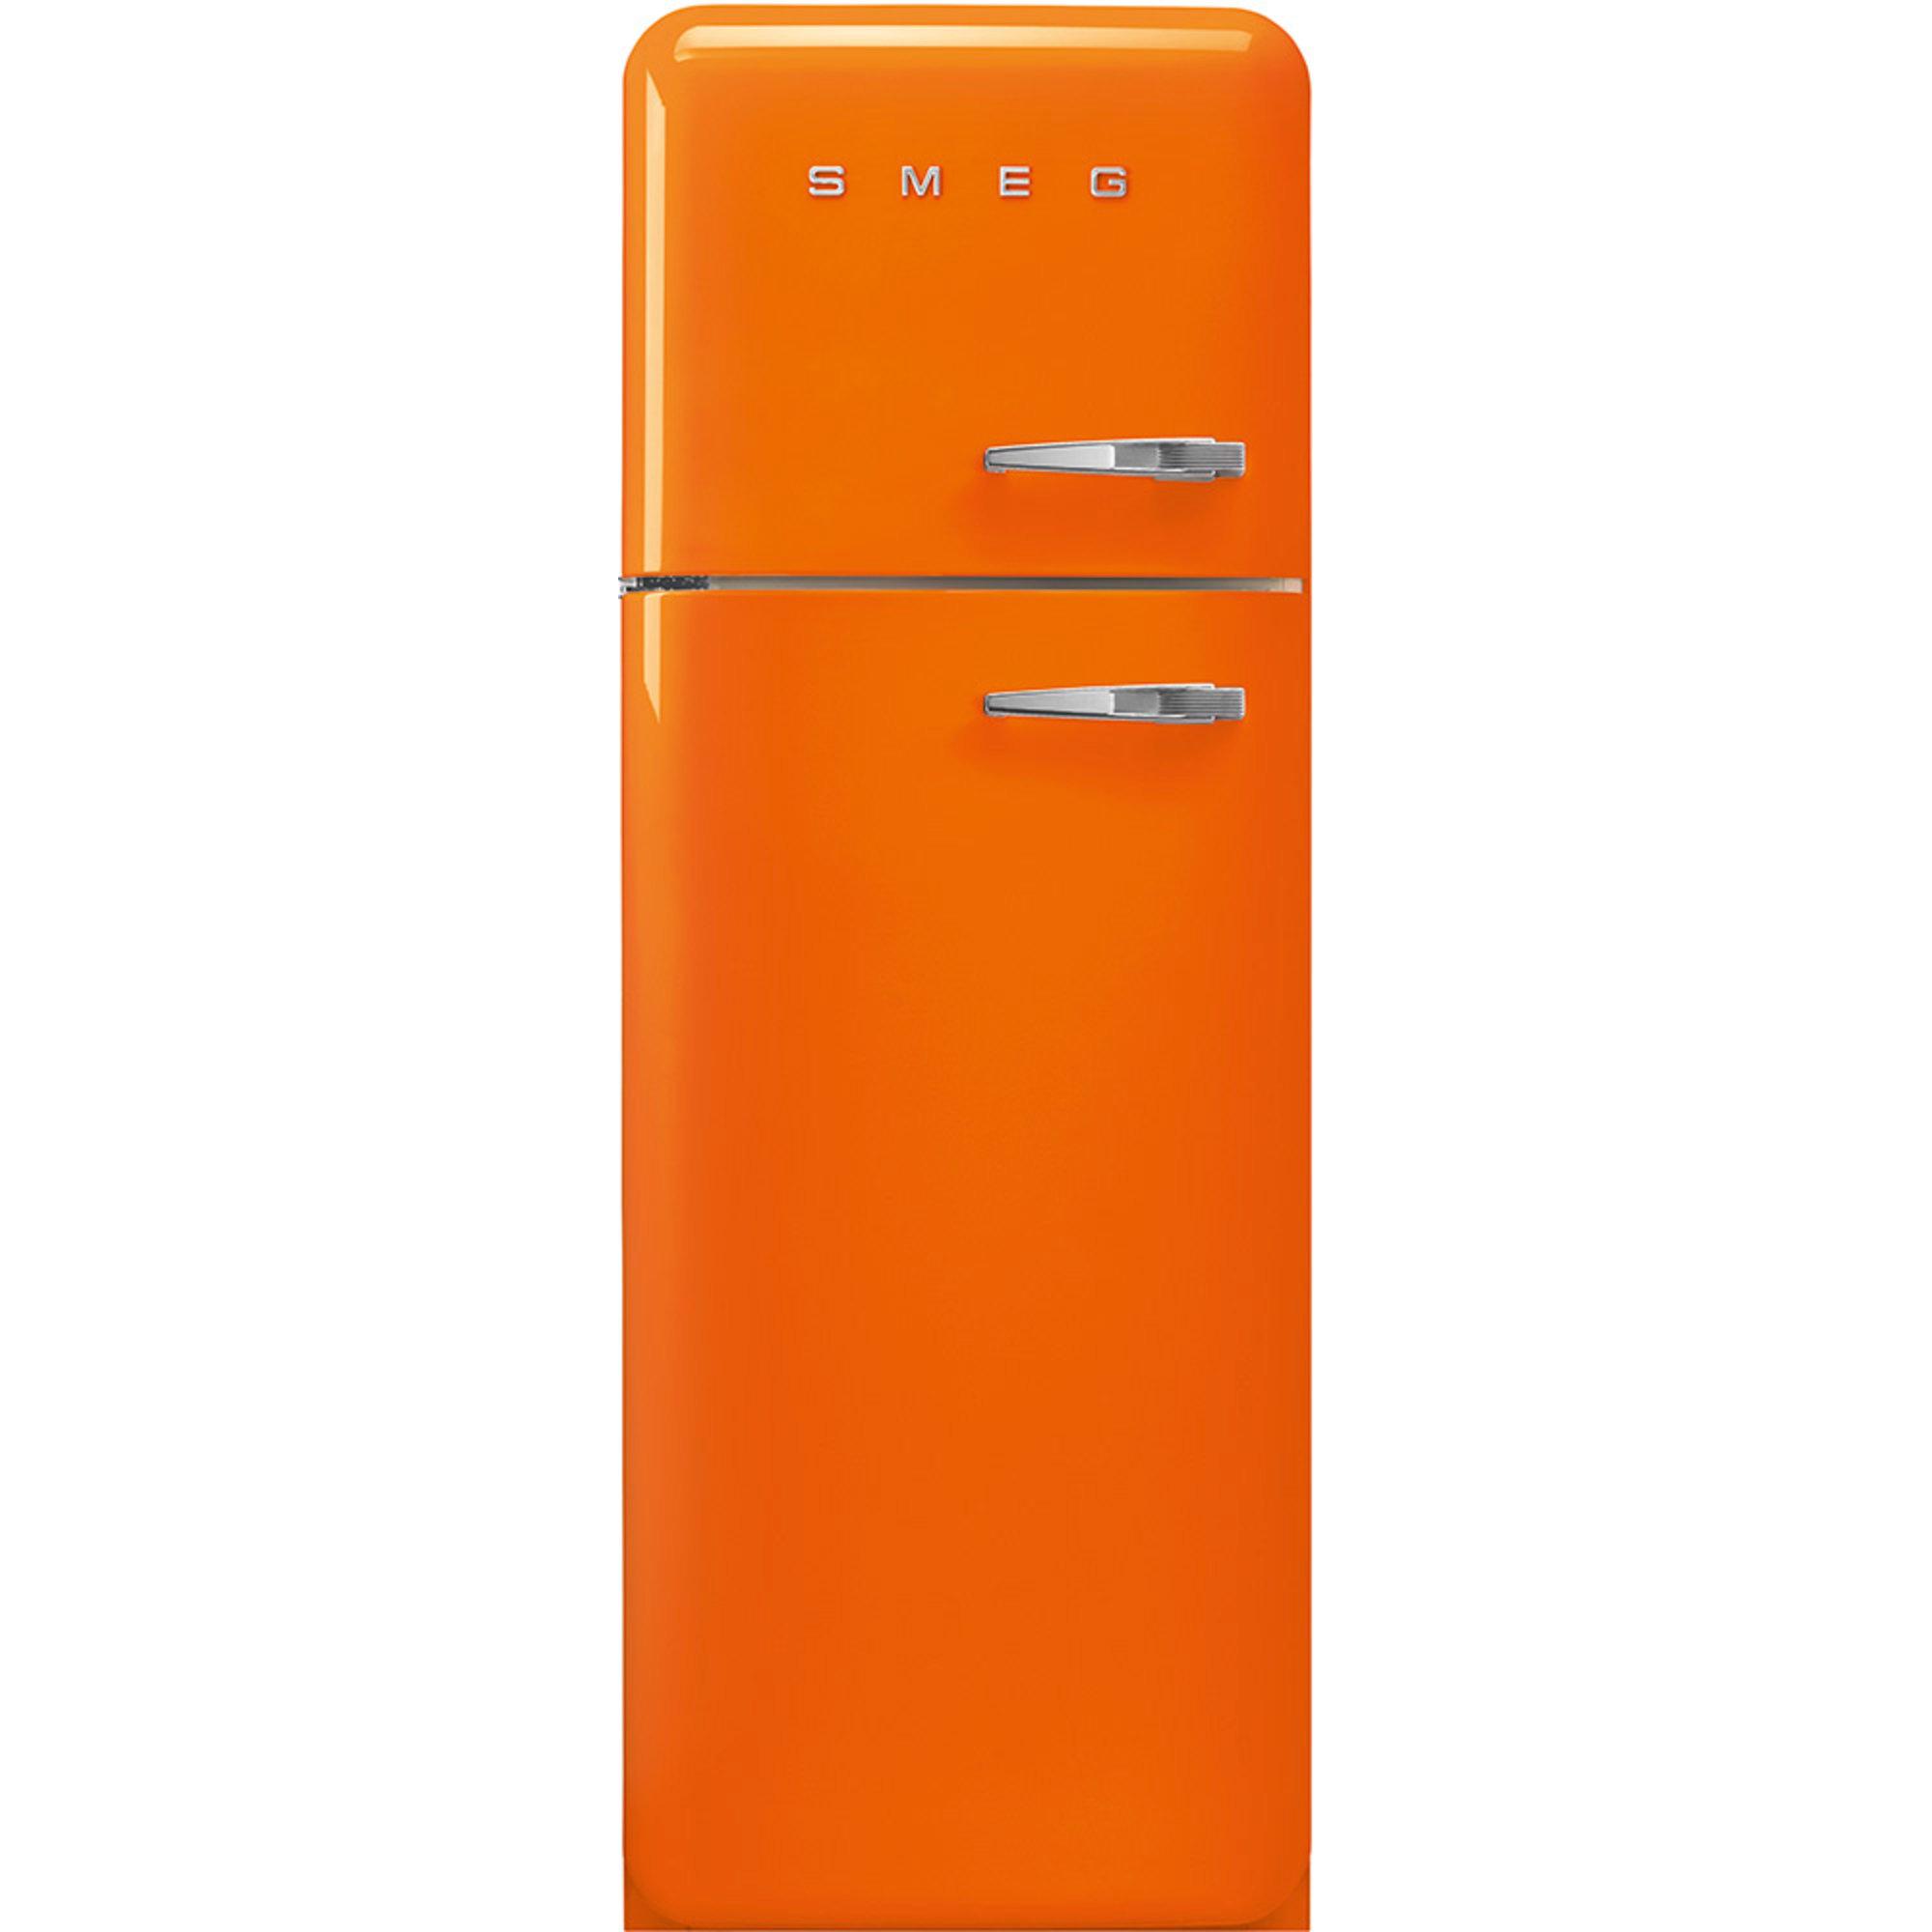 Smeg 172 cm Vänsterhängt kylskåp/frys i 50-tals Retro Design Orange